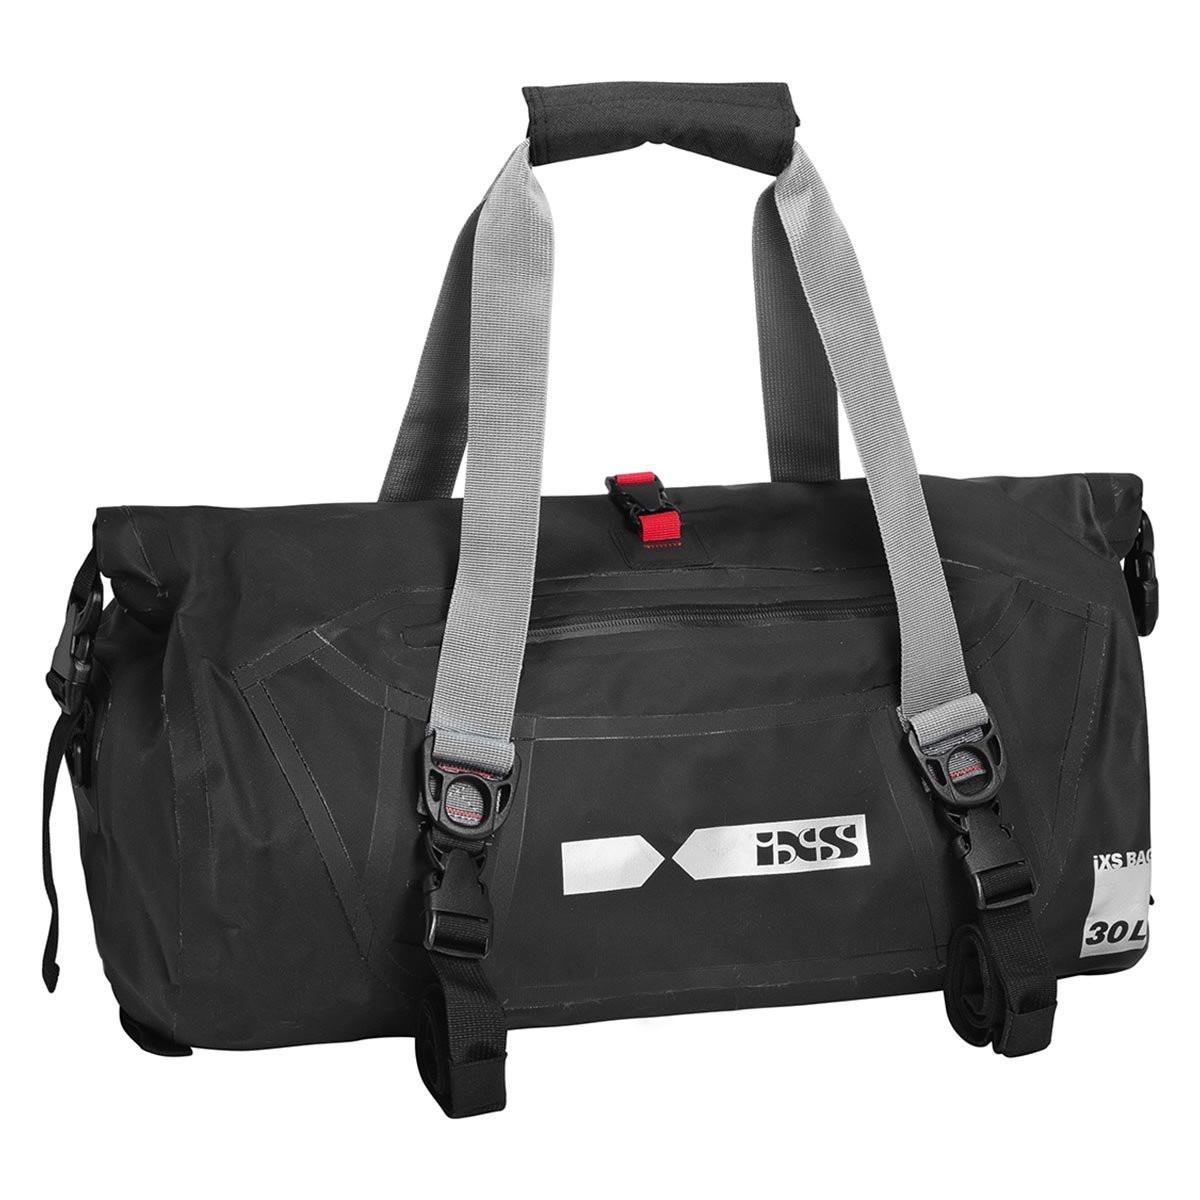 TP Drybag 30 1.0